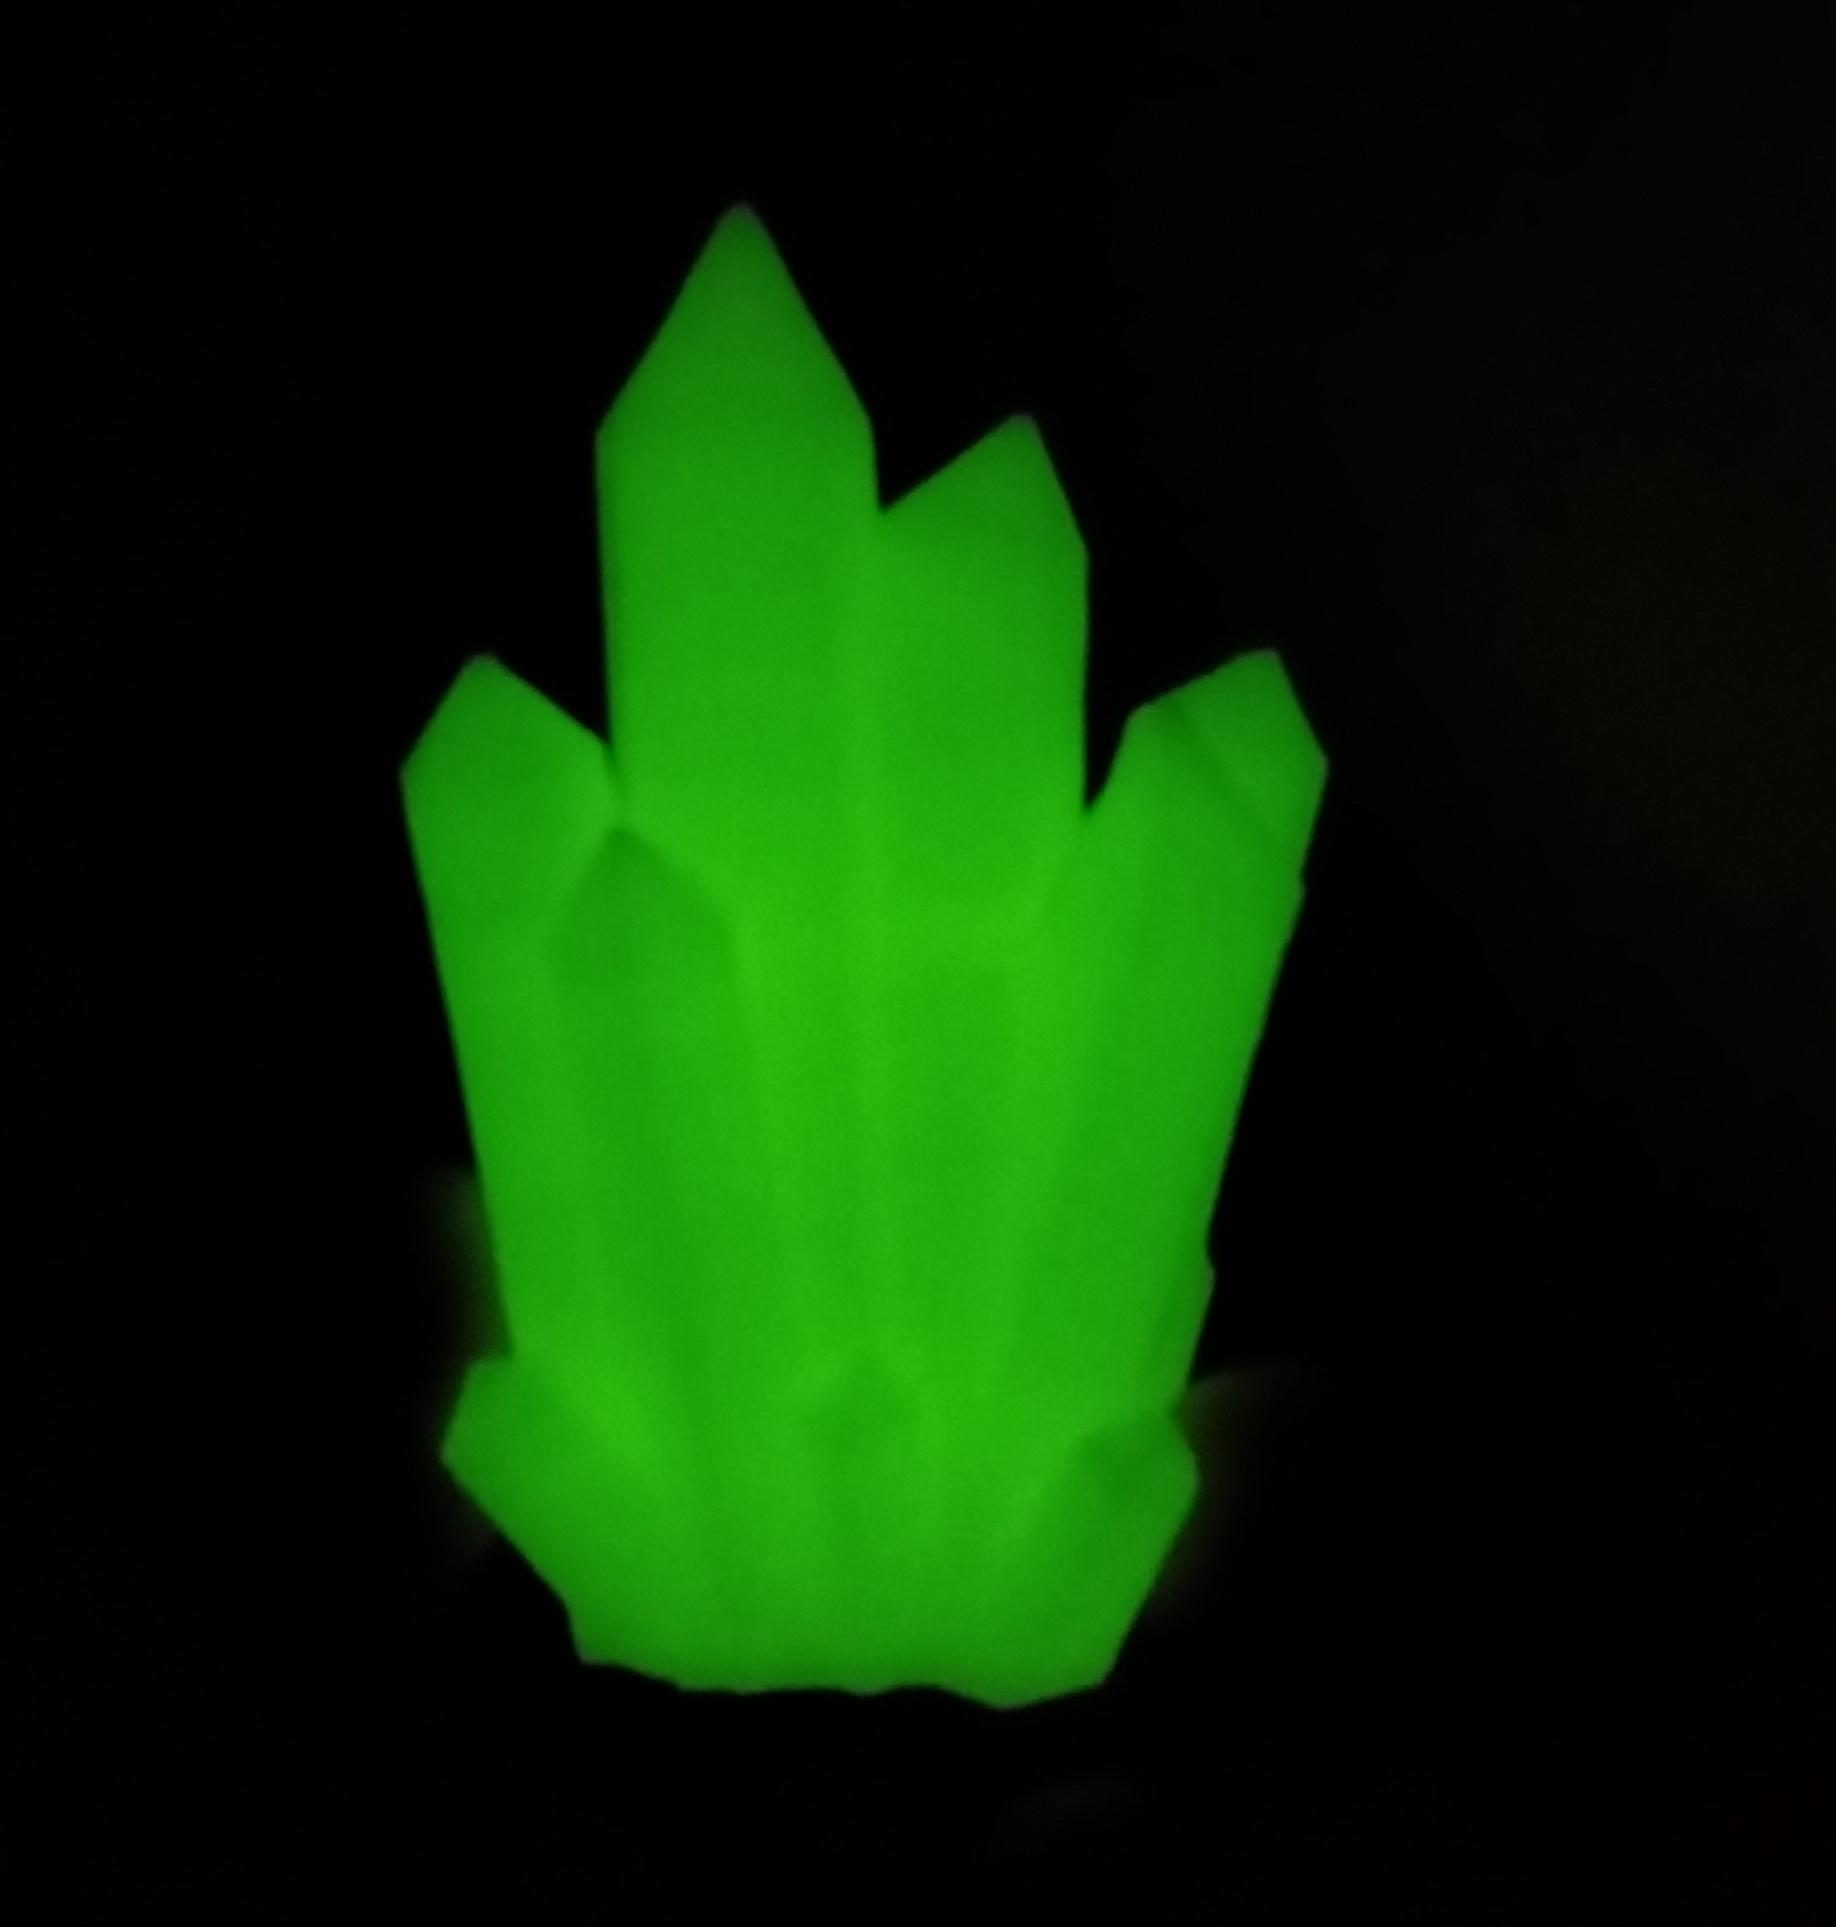 3D Printed Kryptonite Glow in the Dark · The EmbeddedJunkie Shop ...